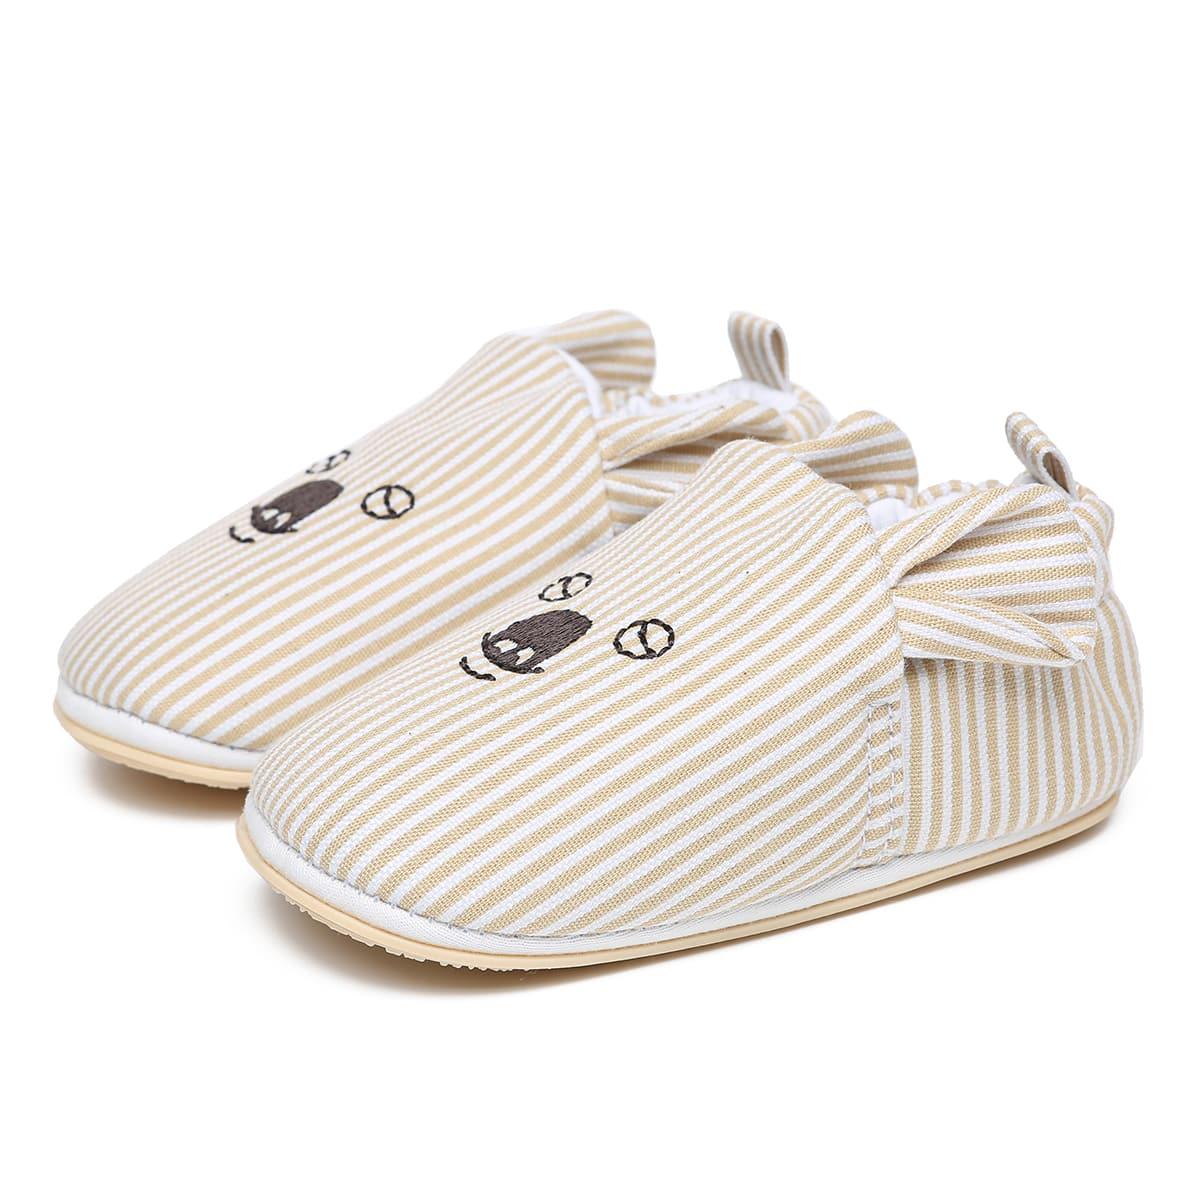 Минималистичные туфли на плоской подошве в полоску для мальчиков от SHEIN